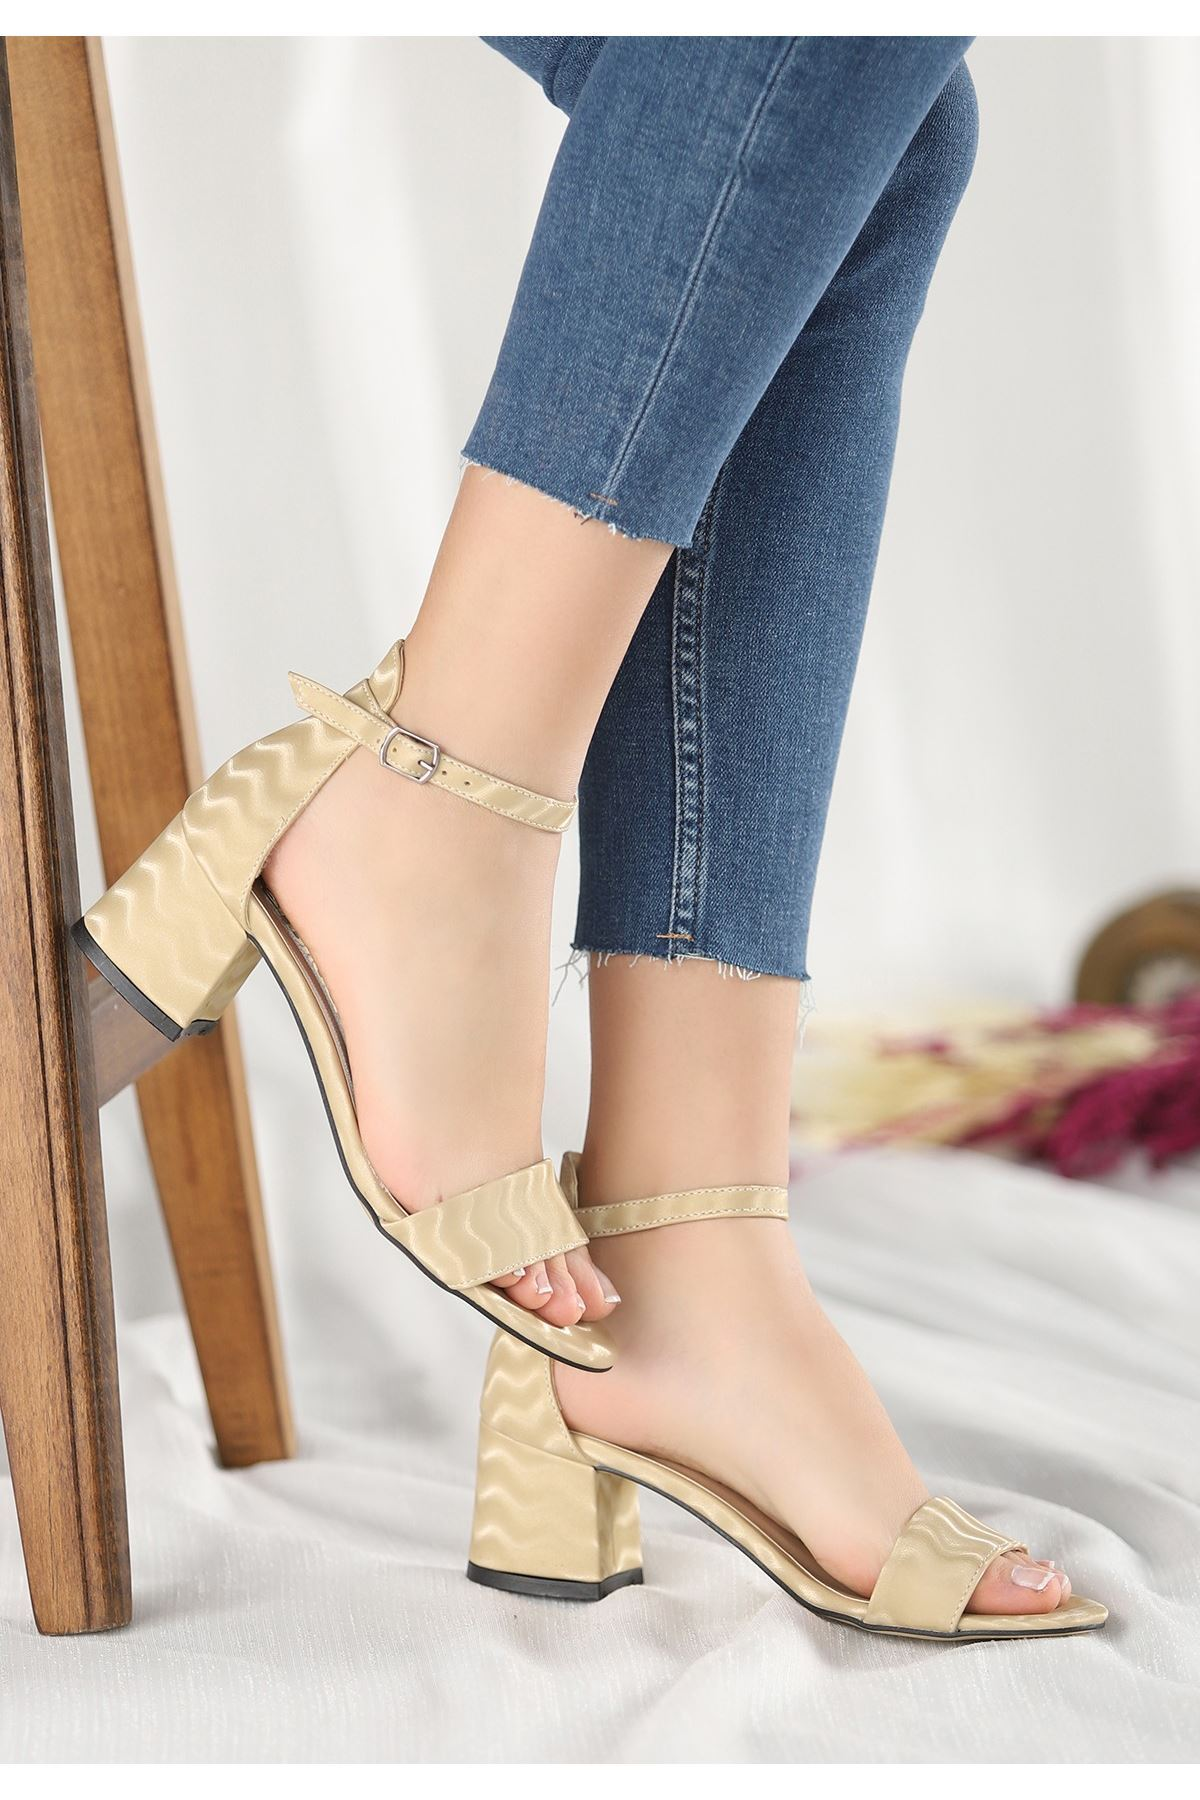 Epon Krem Süet Desenli Tek Bant Topuklu Ayakkabı